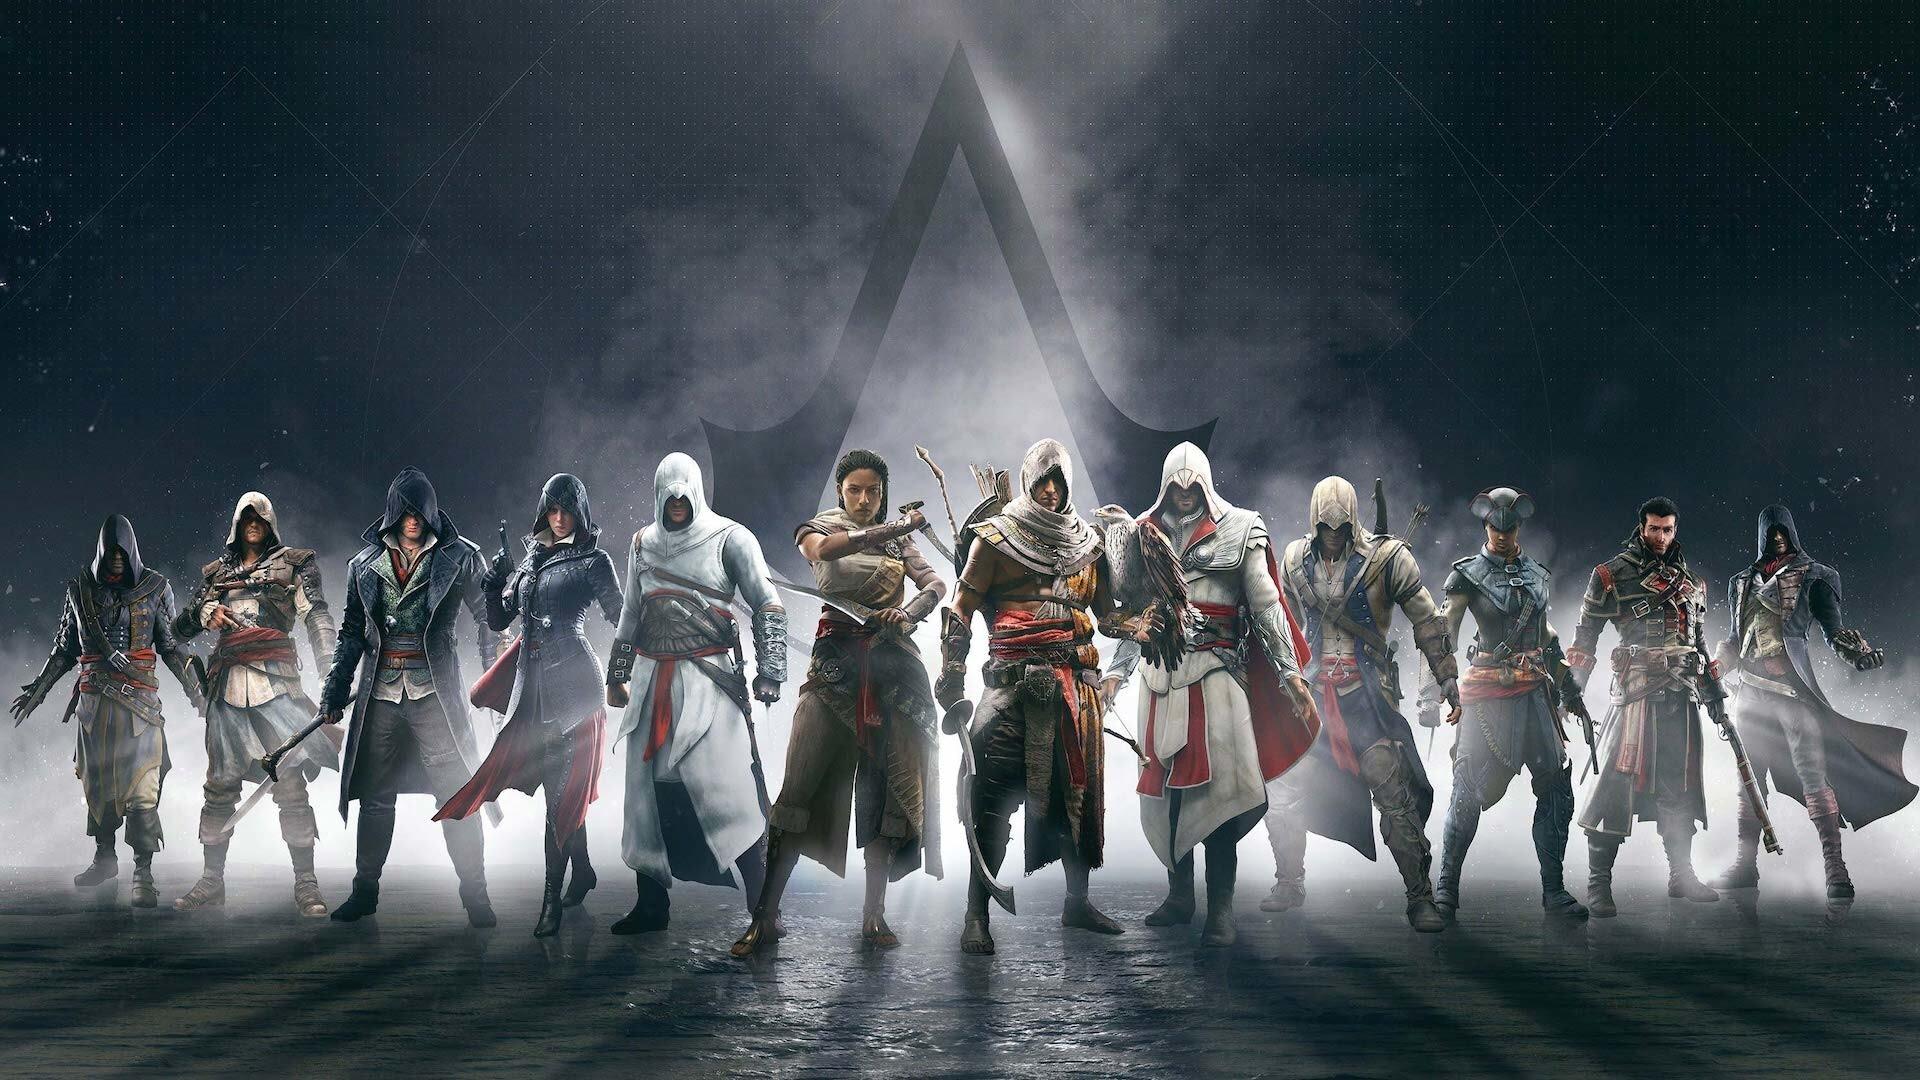 Инсайдер раскрыл подробности следующей части Assassin's Creed